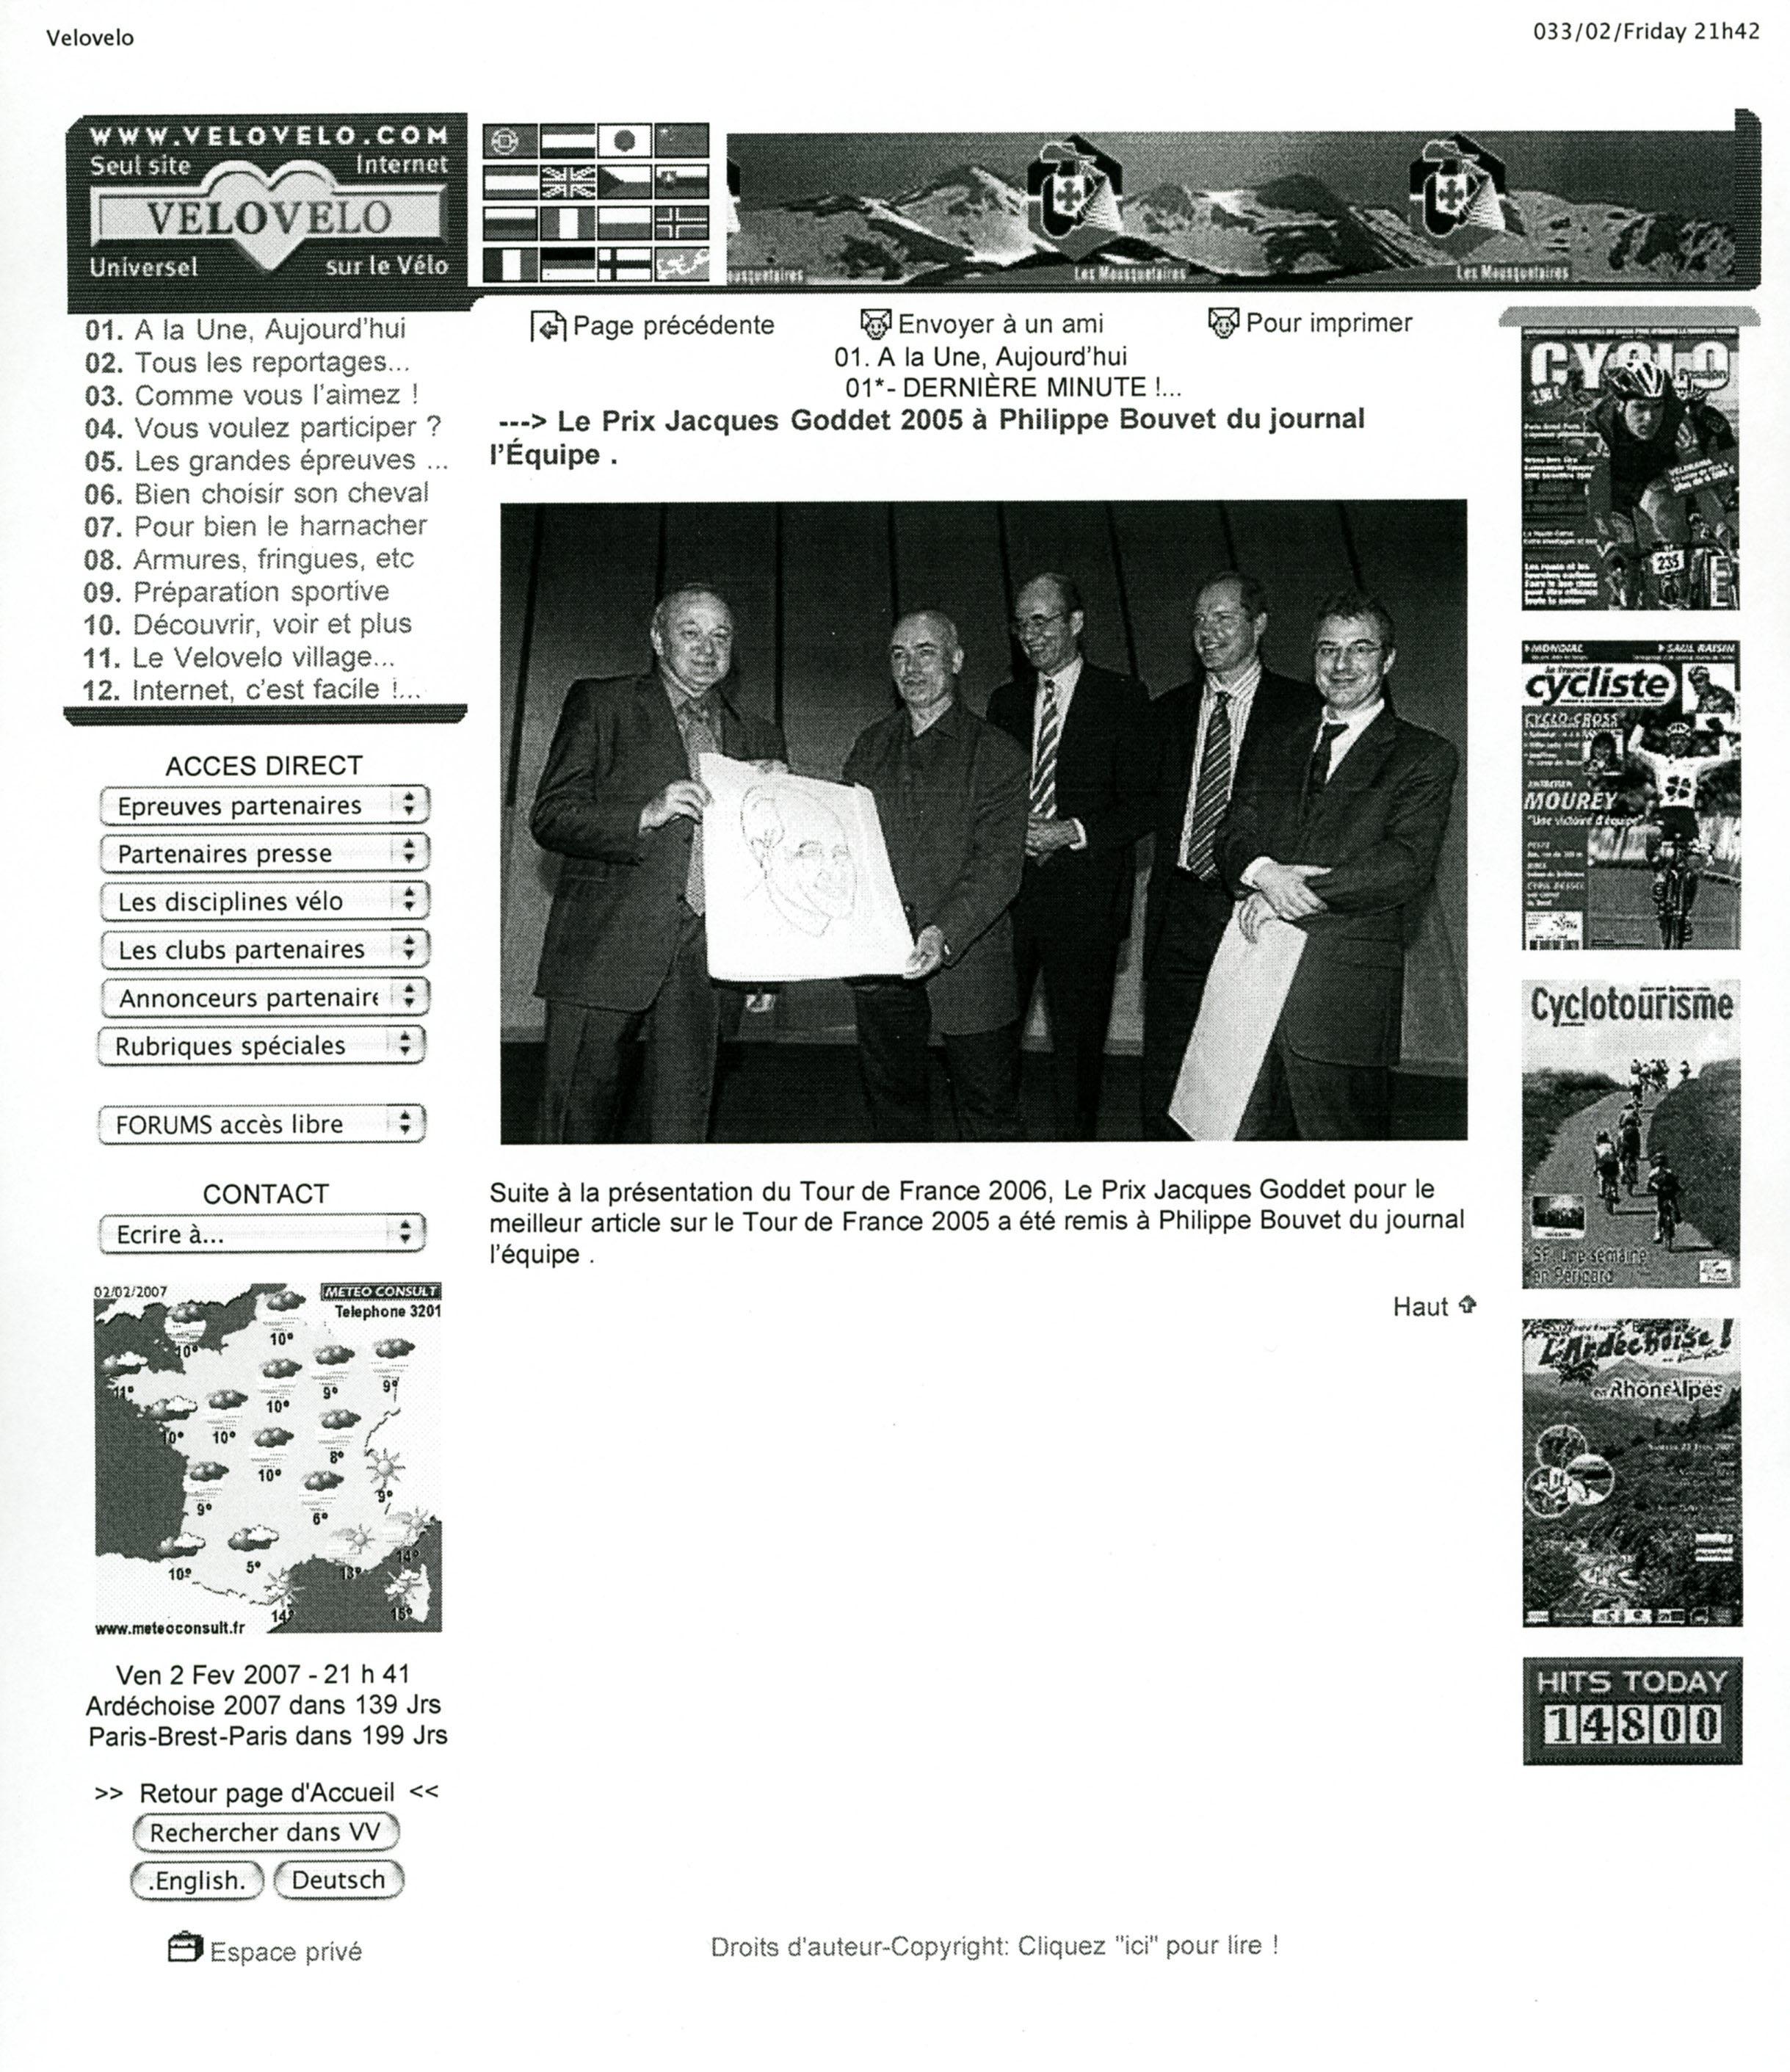 Presse - VeloVelo - Prix Jacques-Goddet - octobre 2006